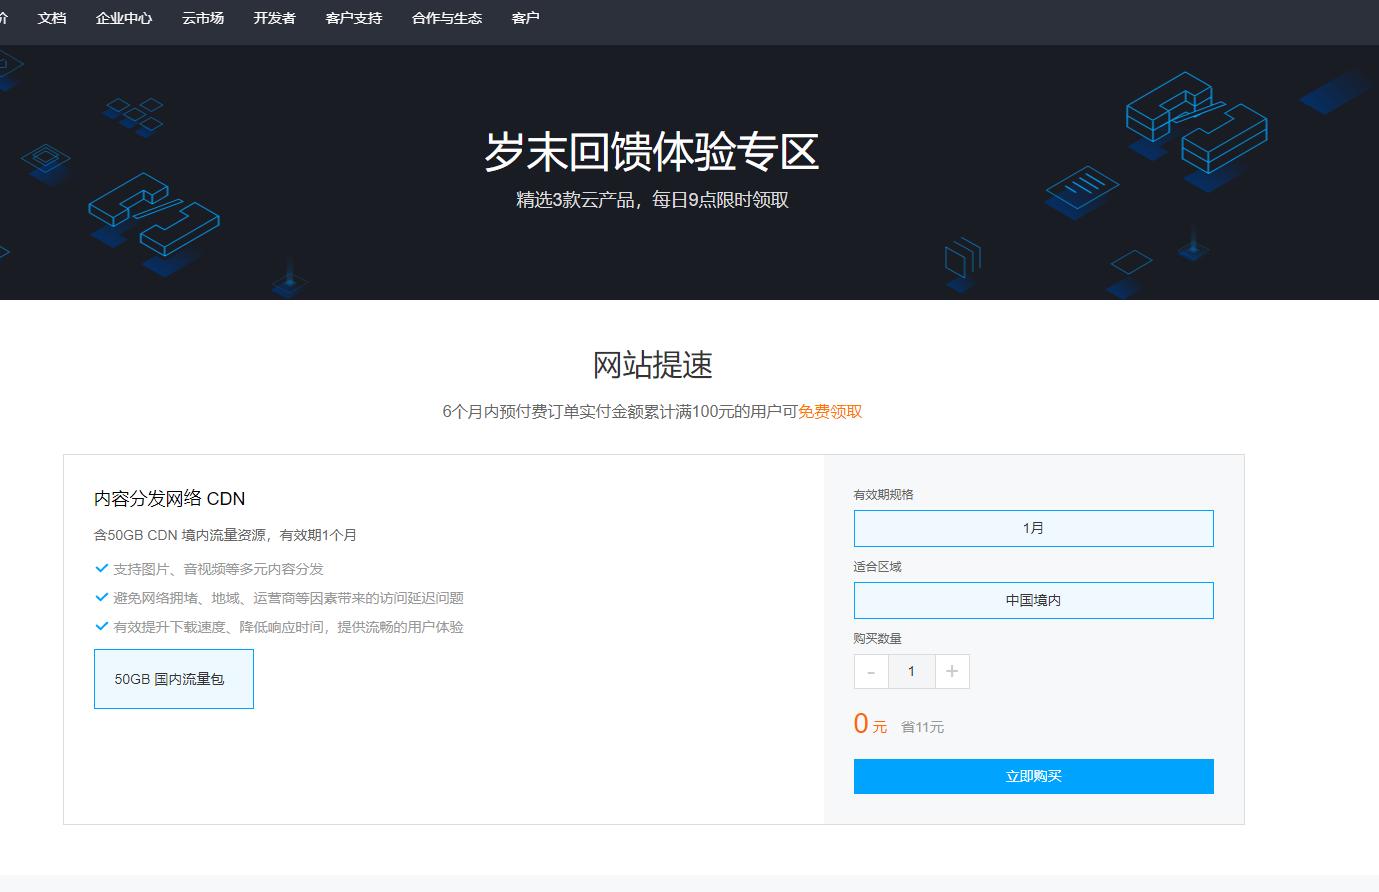 腾讯云岁末回馈免费领CDN服务器 第1张